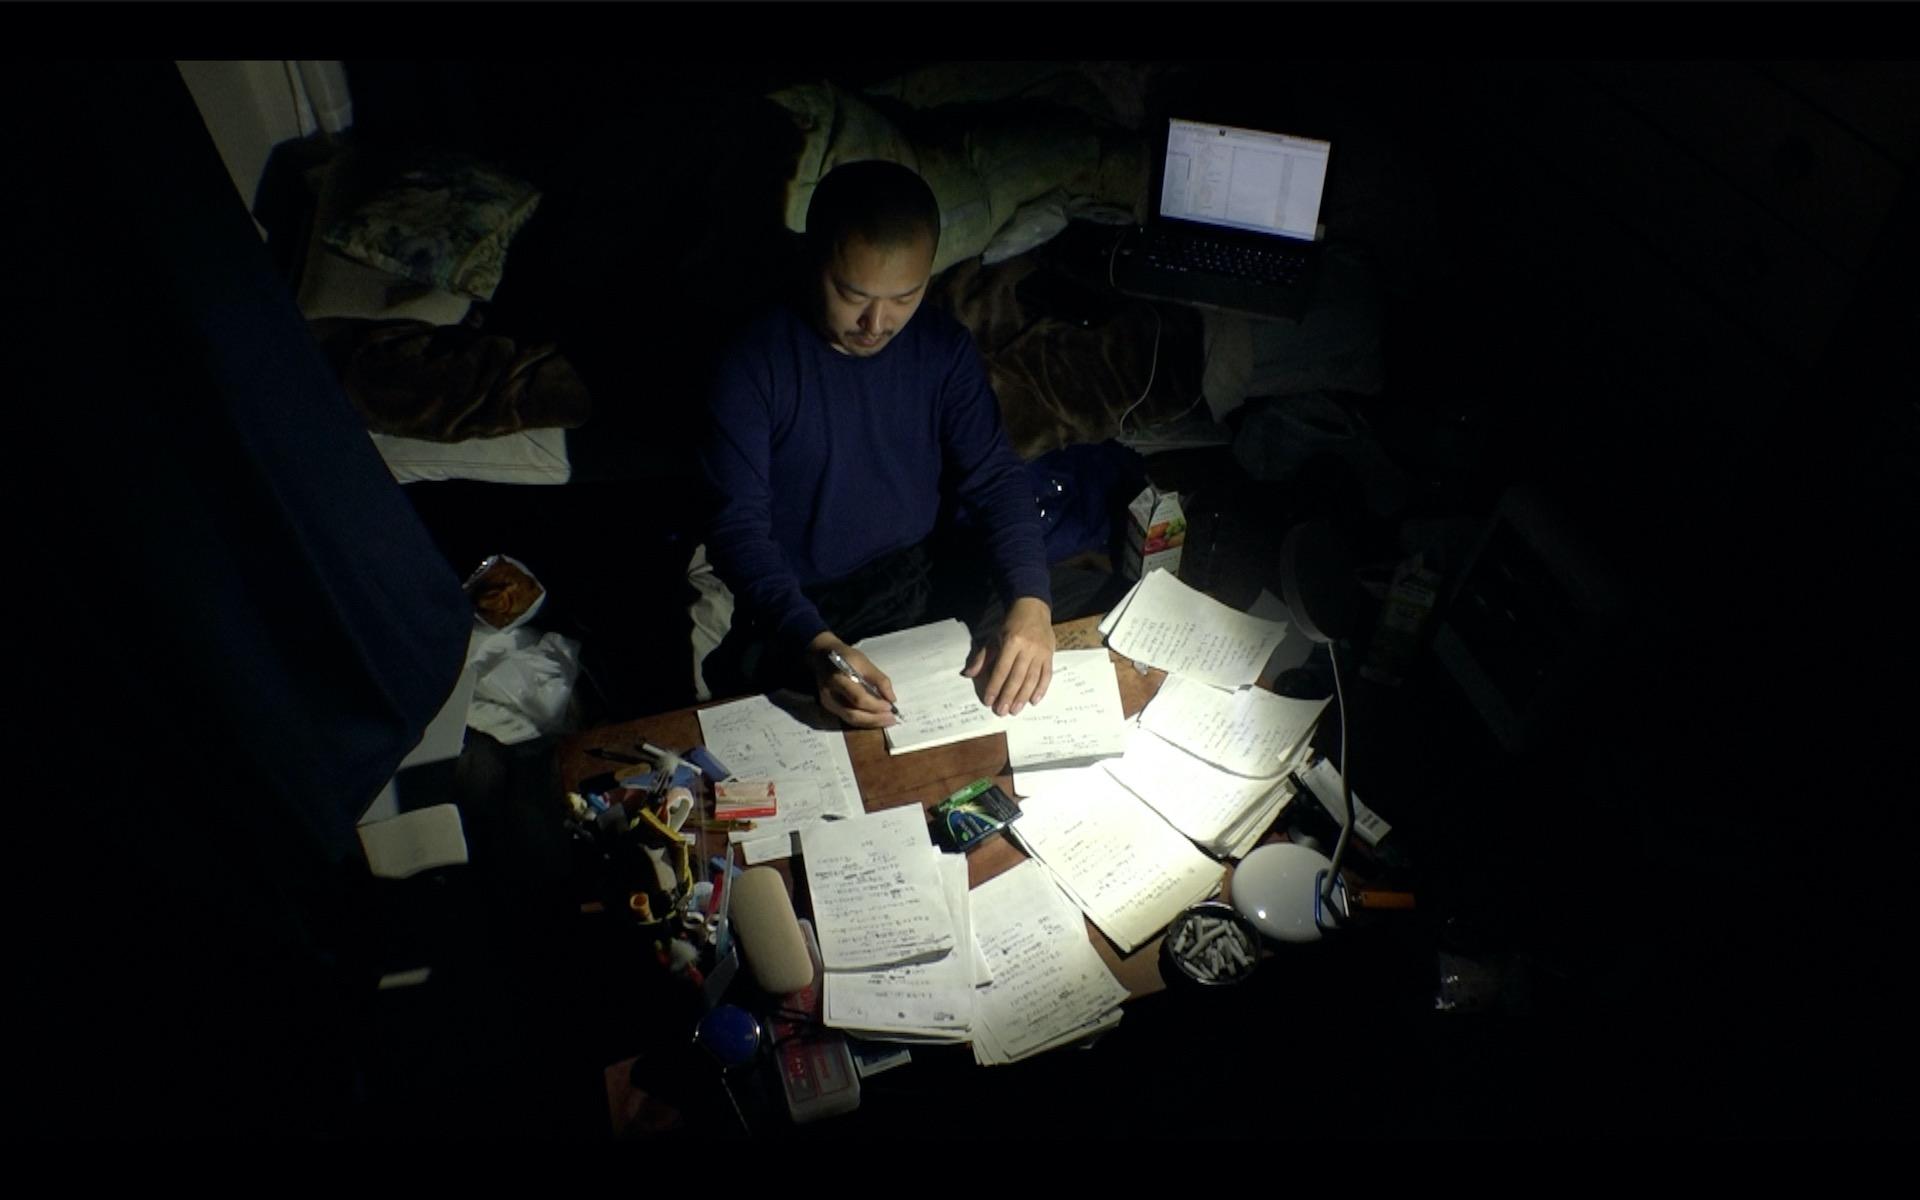 小林勝行2ndアルバム発表までに密着したドキュメンタリー『寛解の連続』が上映延期も、本来の上映期間に有料配信決定! film200518_hiphop_documentary_03